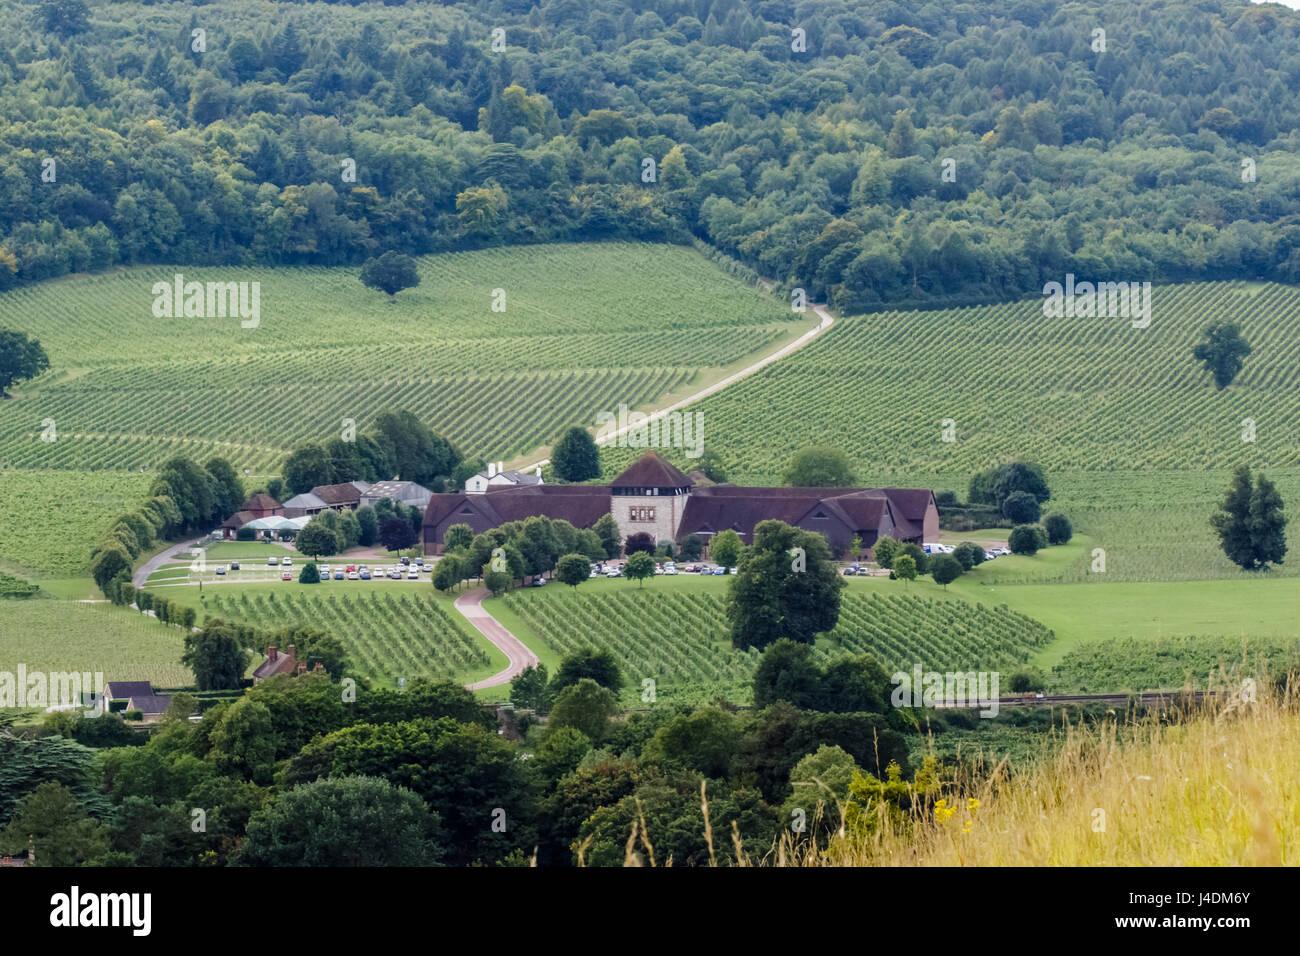 DORKING, SURREY, ENGLAND - 17. August 2015: Blick über den Denbies Wine Estate, eingestellt auf den Pisten Stockbild